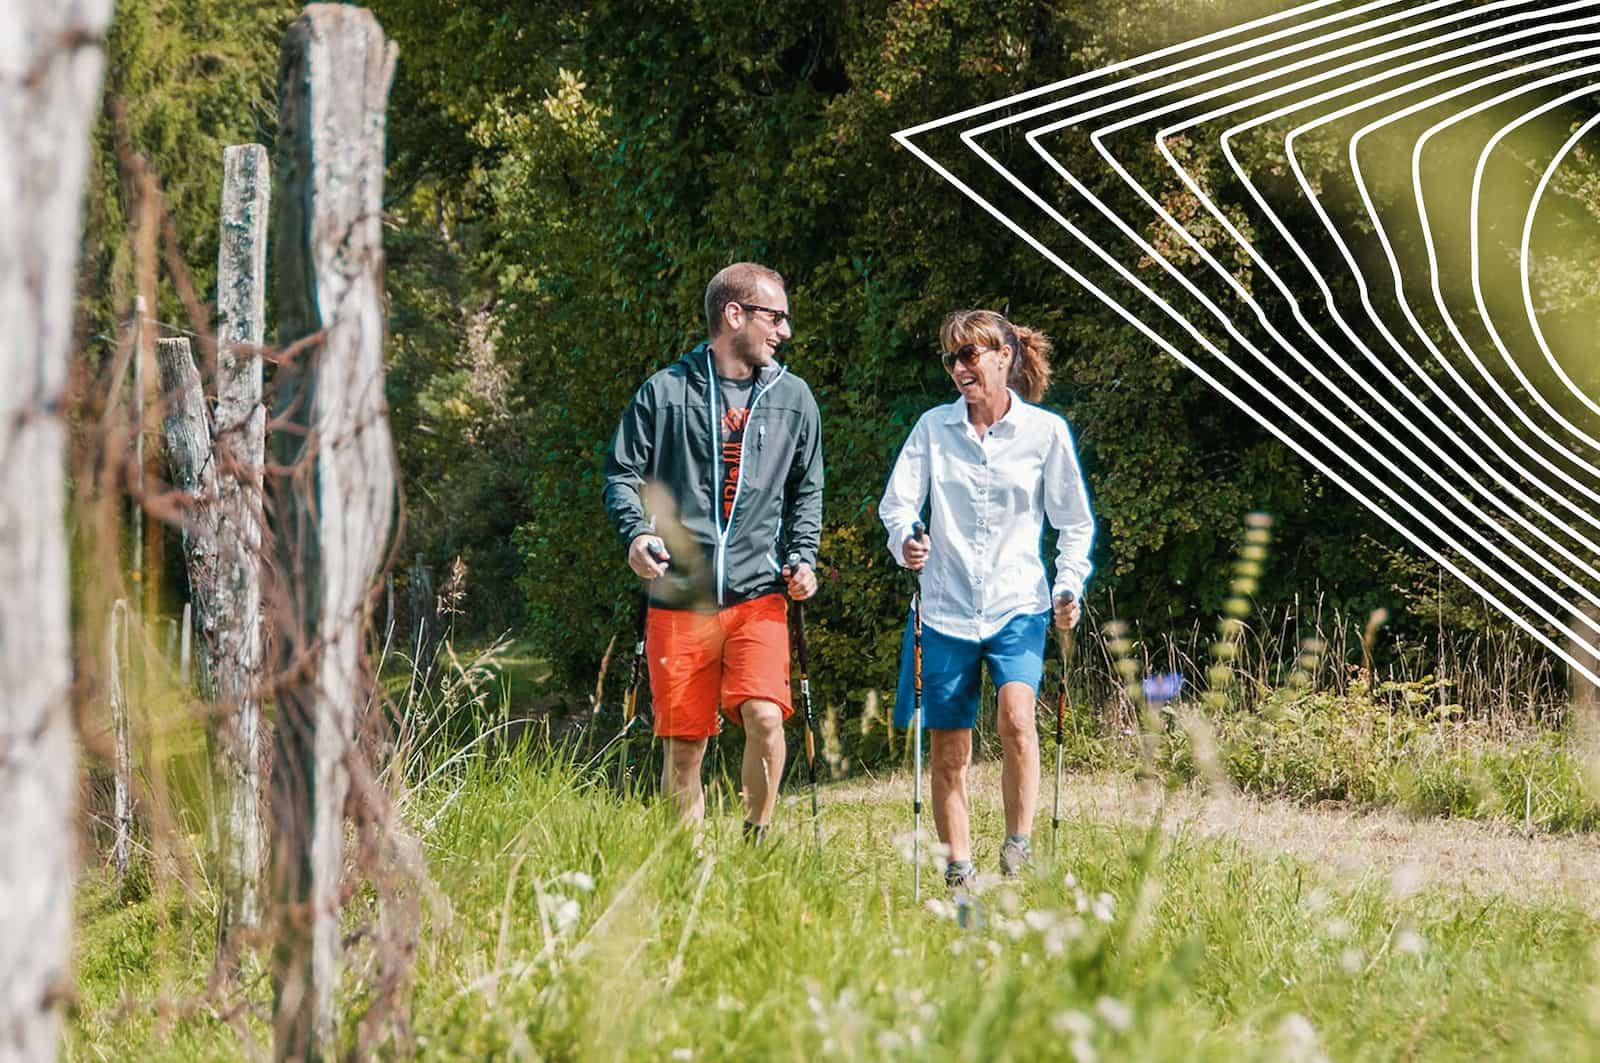 Sportpark Aare-Rhein Outdoor Sport, Wandern, Walking, Wandschuhe